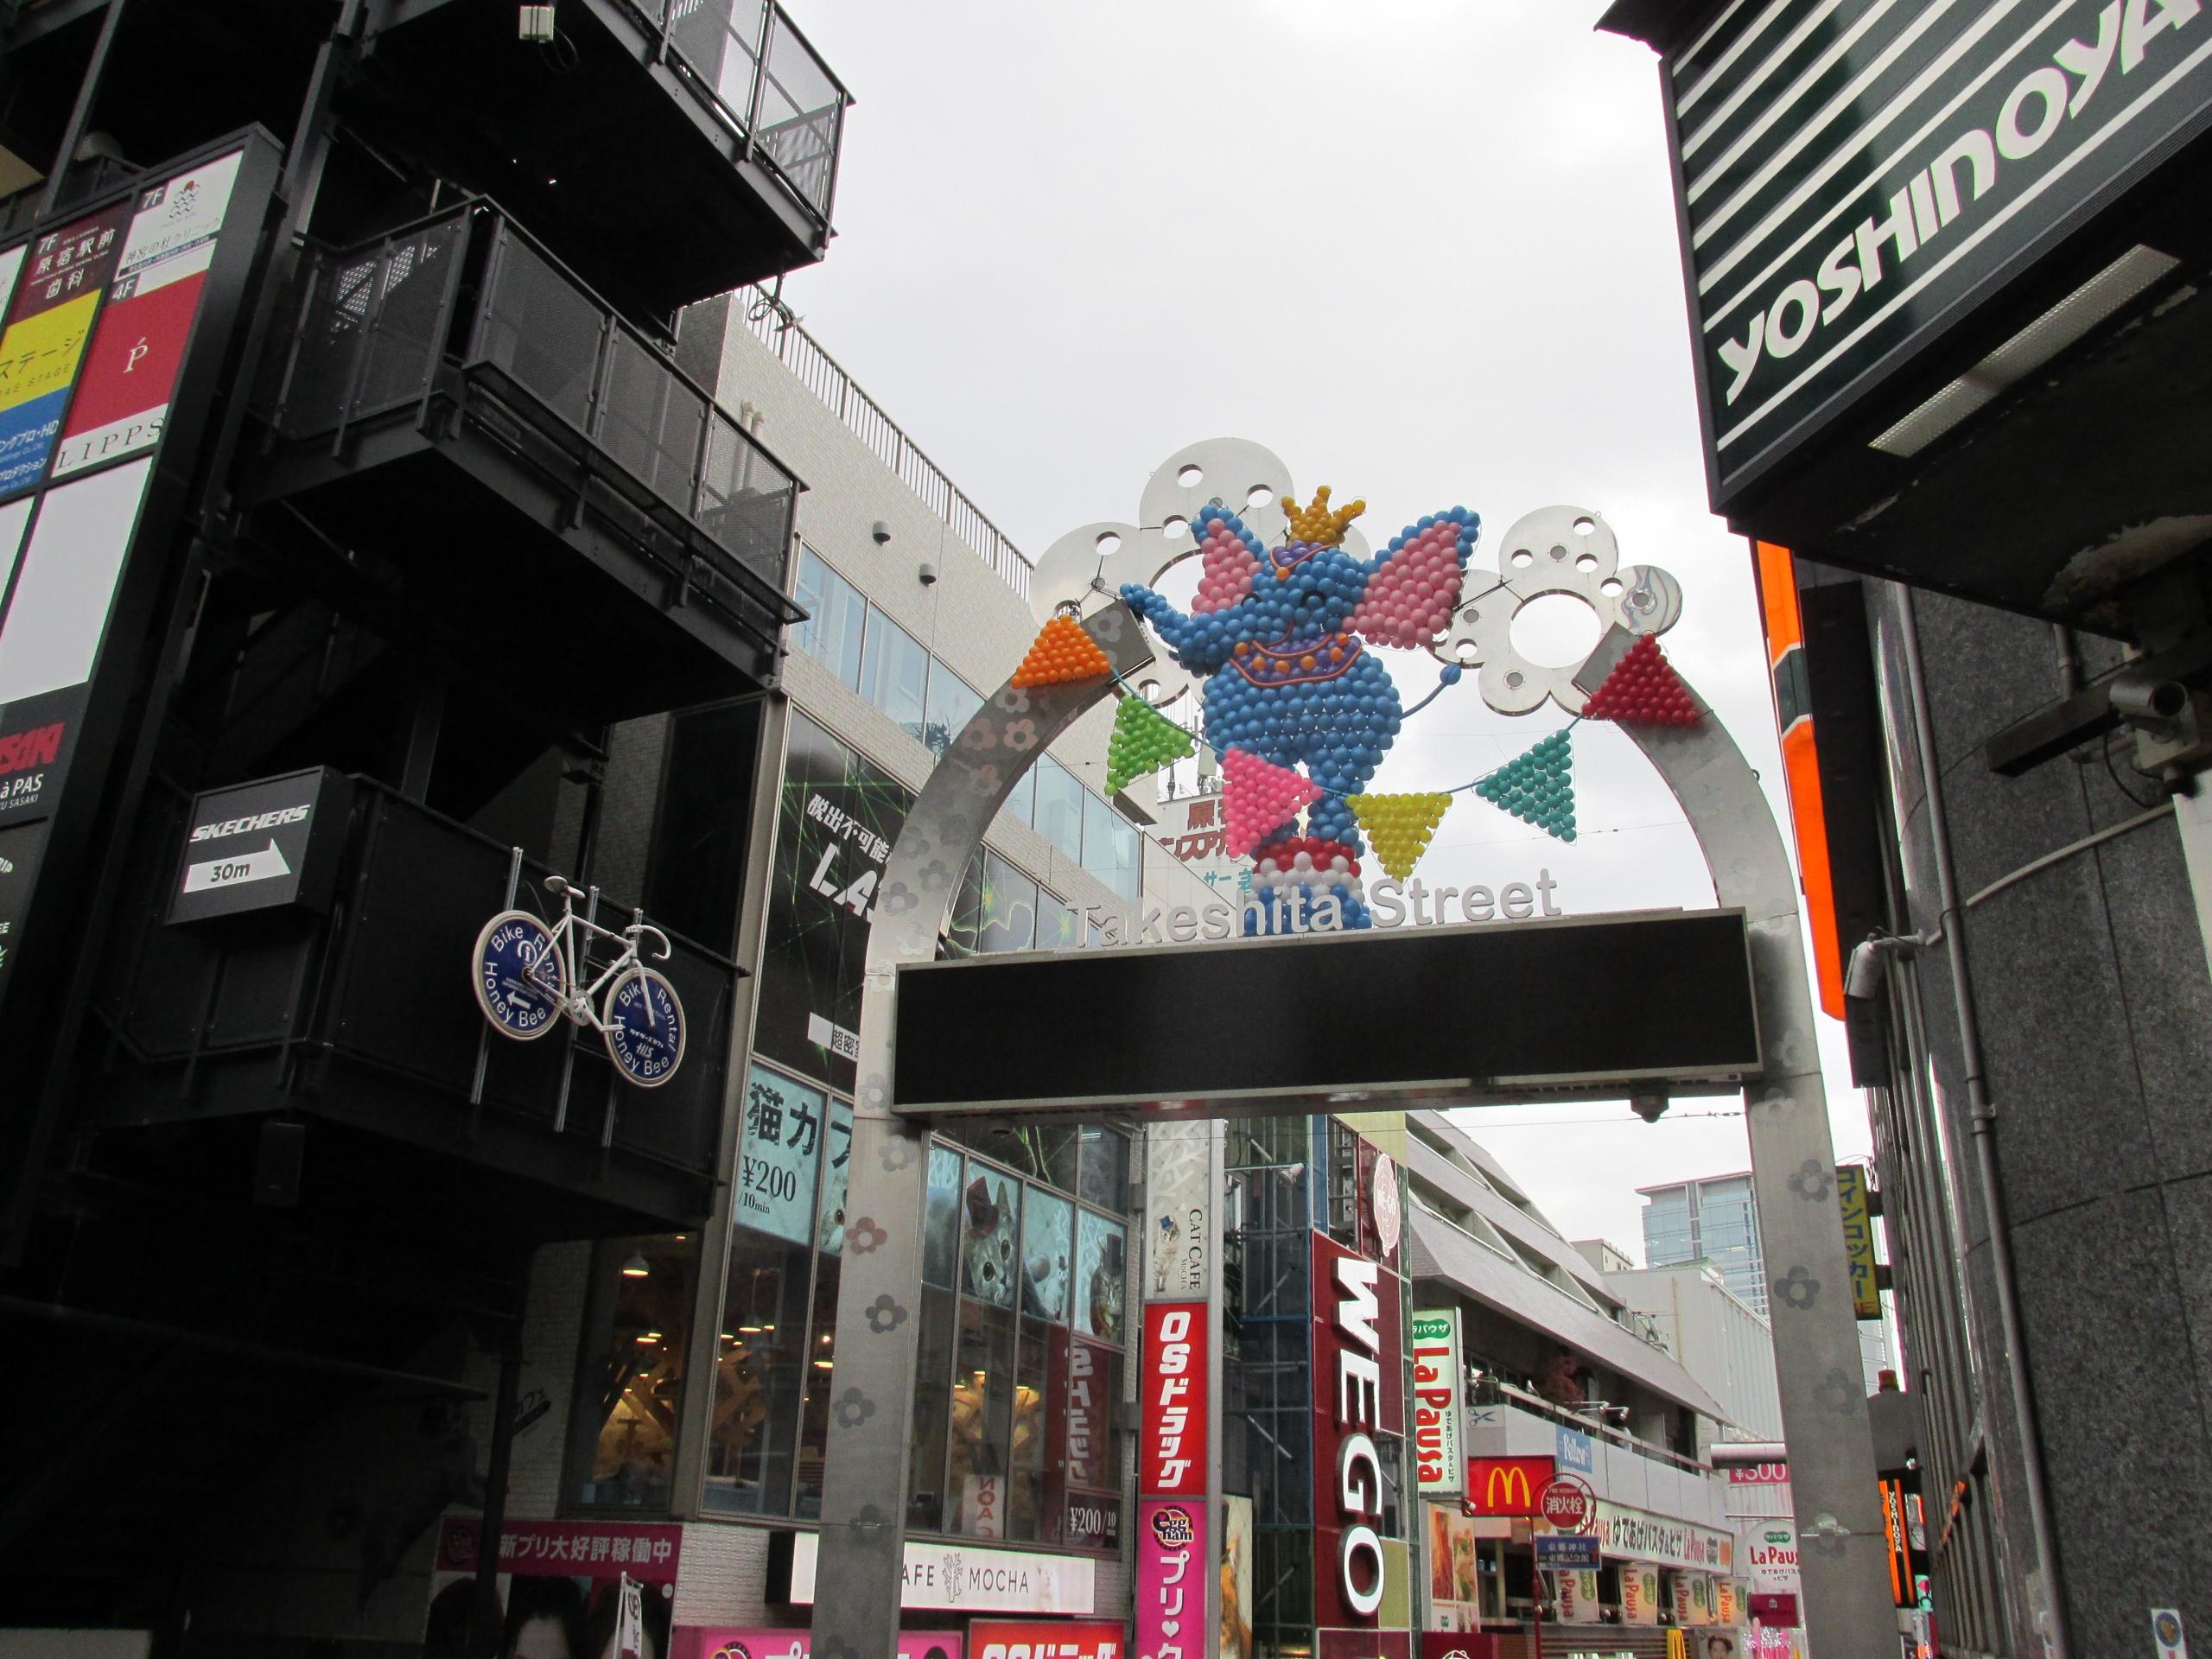 Takeshita